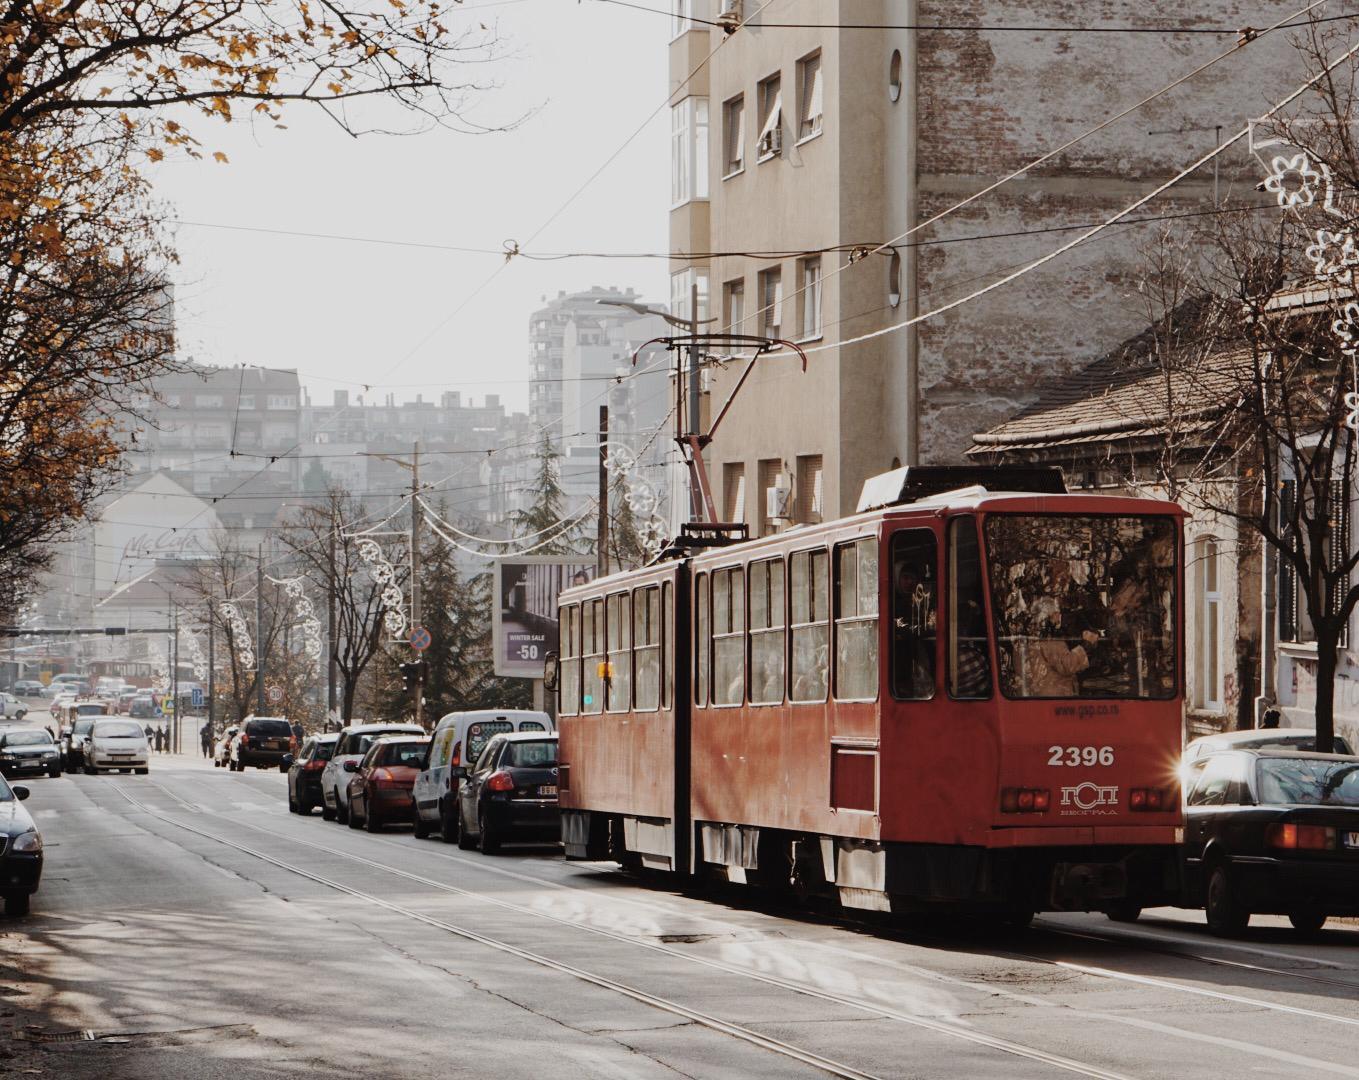 belgrad - yılbaşına girilecek en güzel yerler